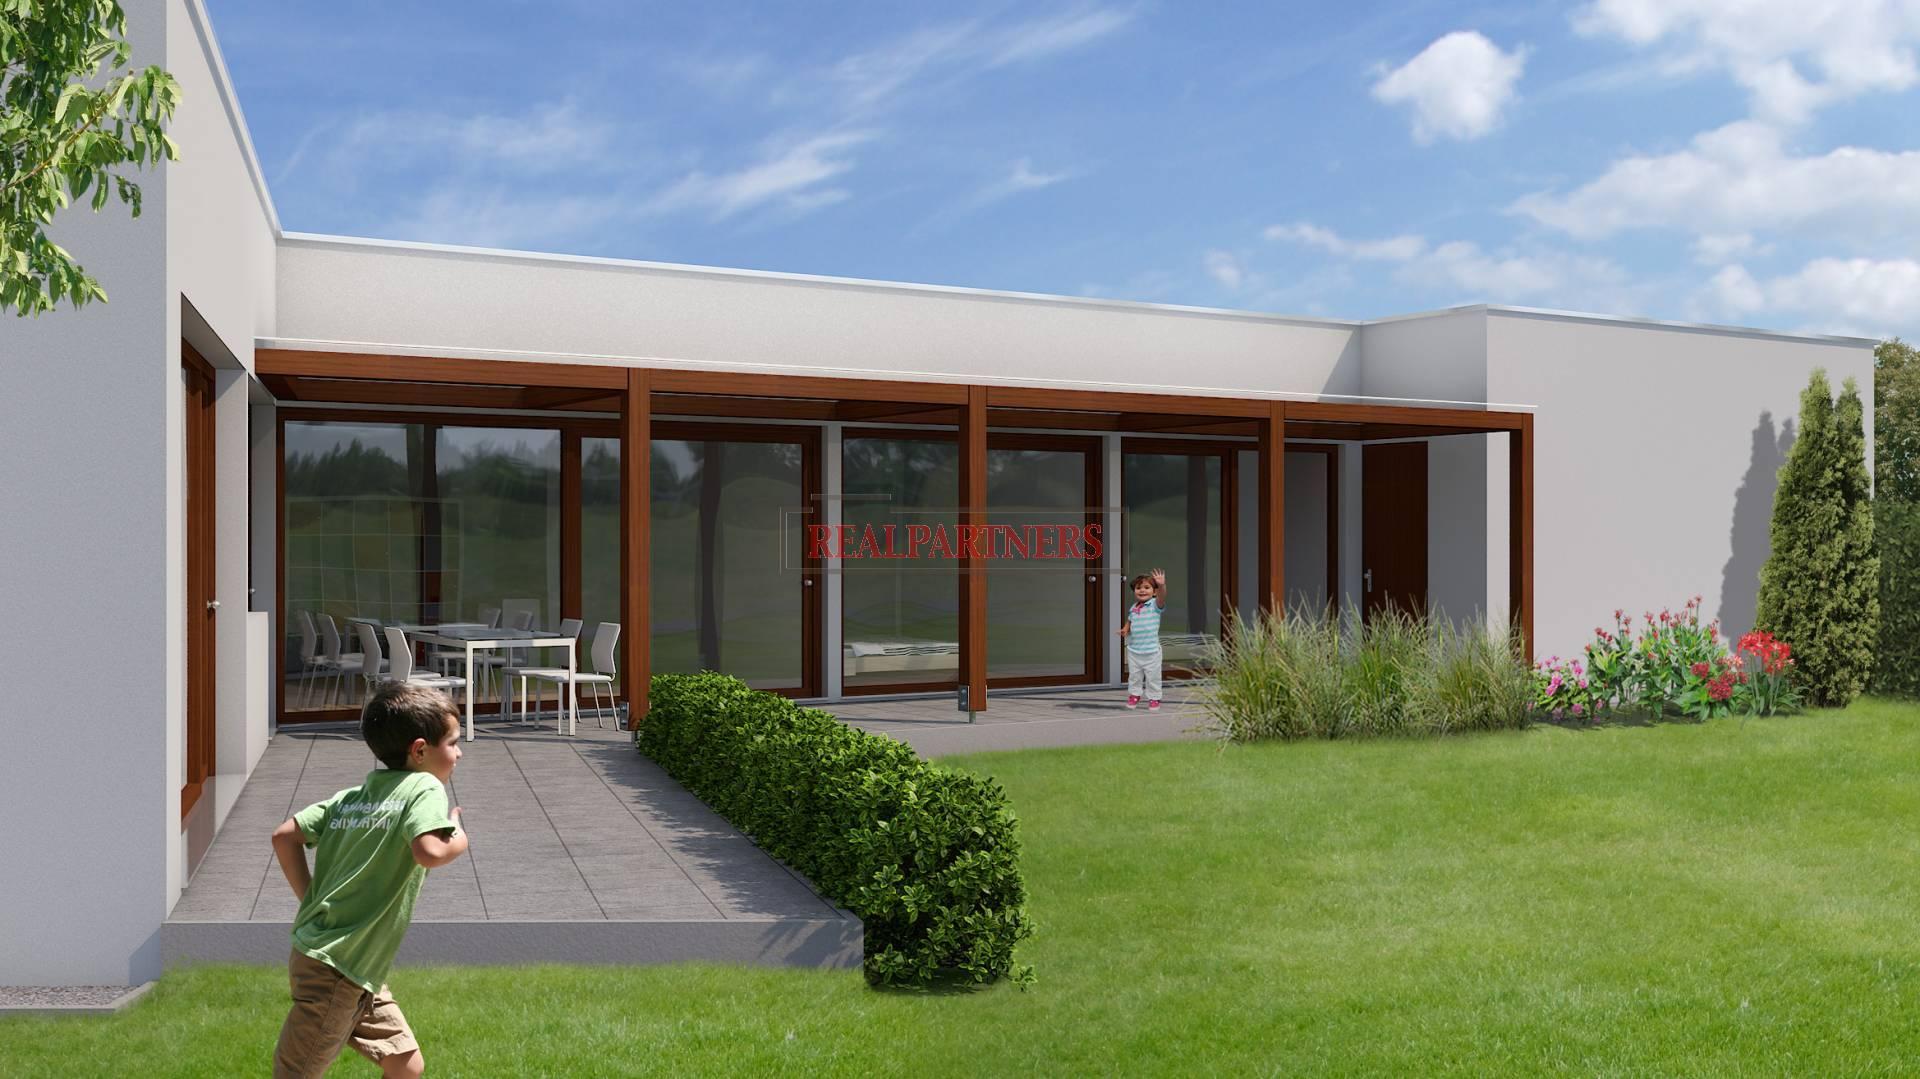 Nový bungalov 4+kk o ploše 112,45 m² + 66,4m² terasa + 45,65m² garáž na pozemku 610m².